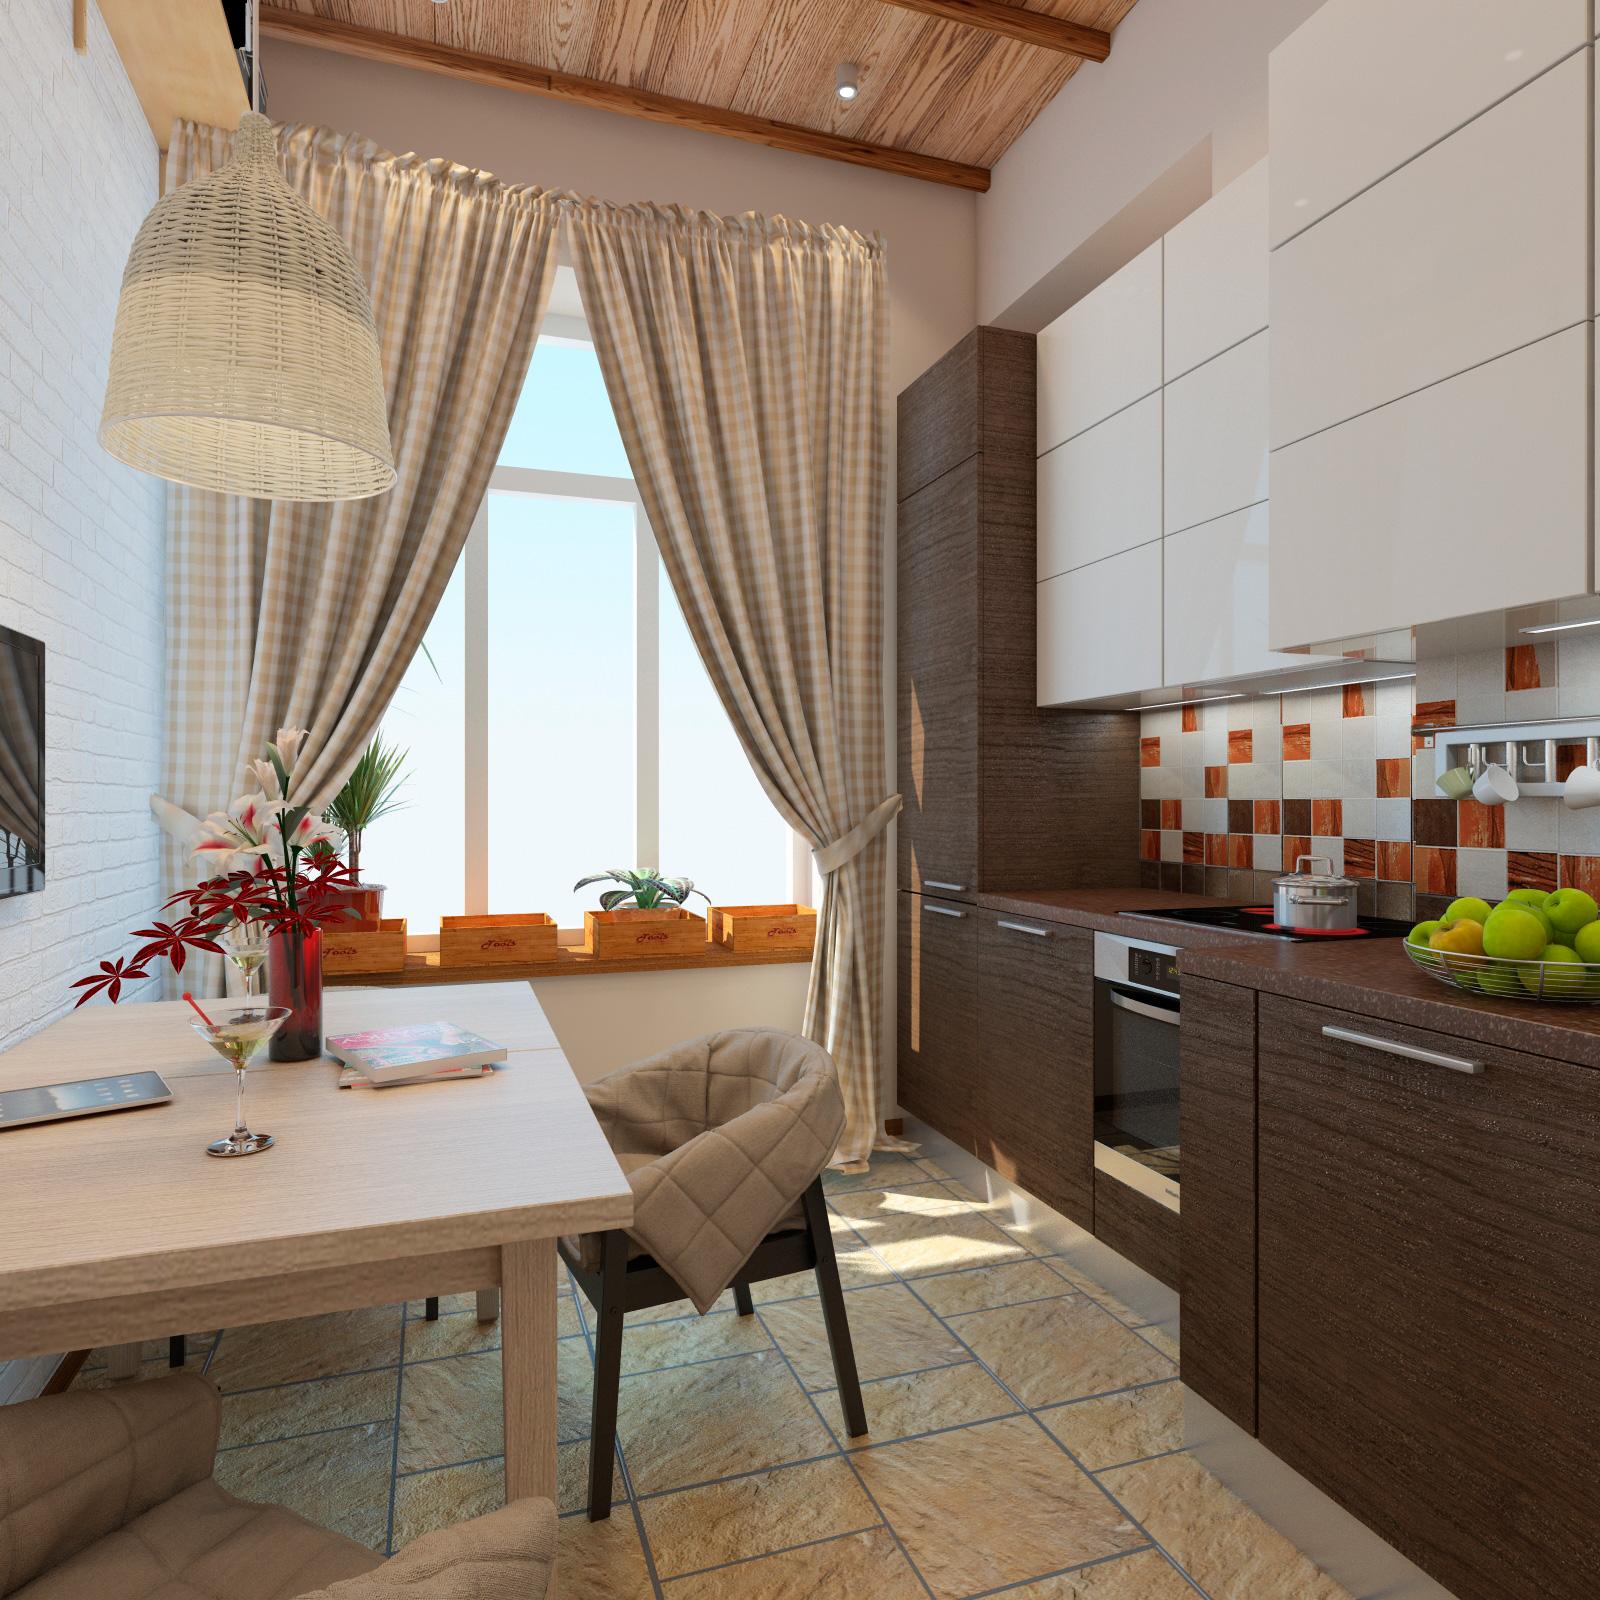 Белая, оранжевая и коричневая плитка для фартука на кухне